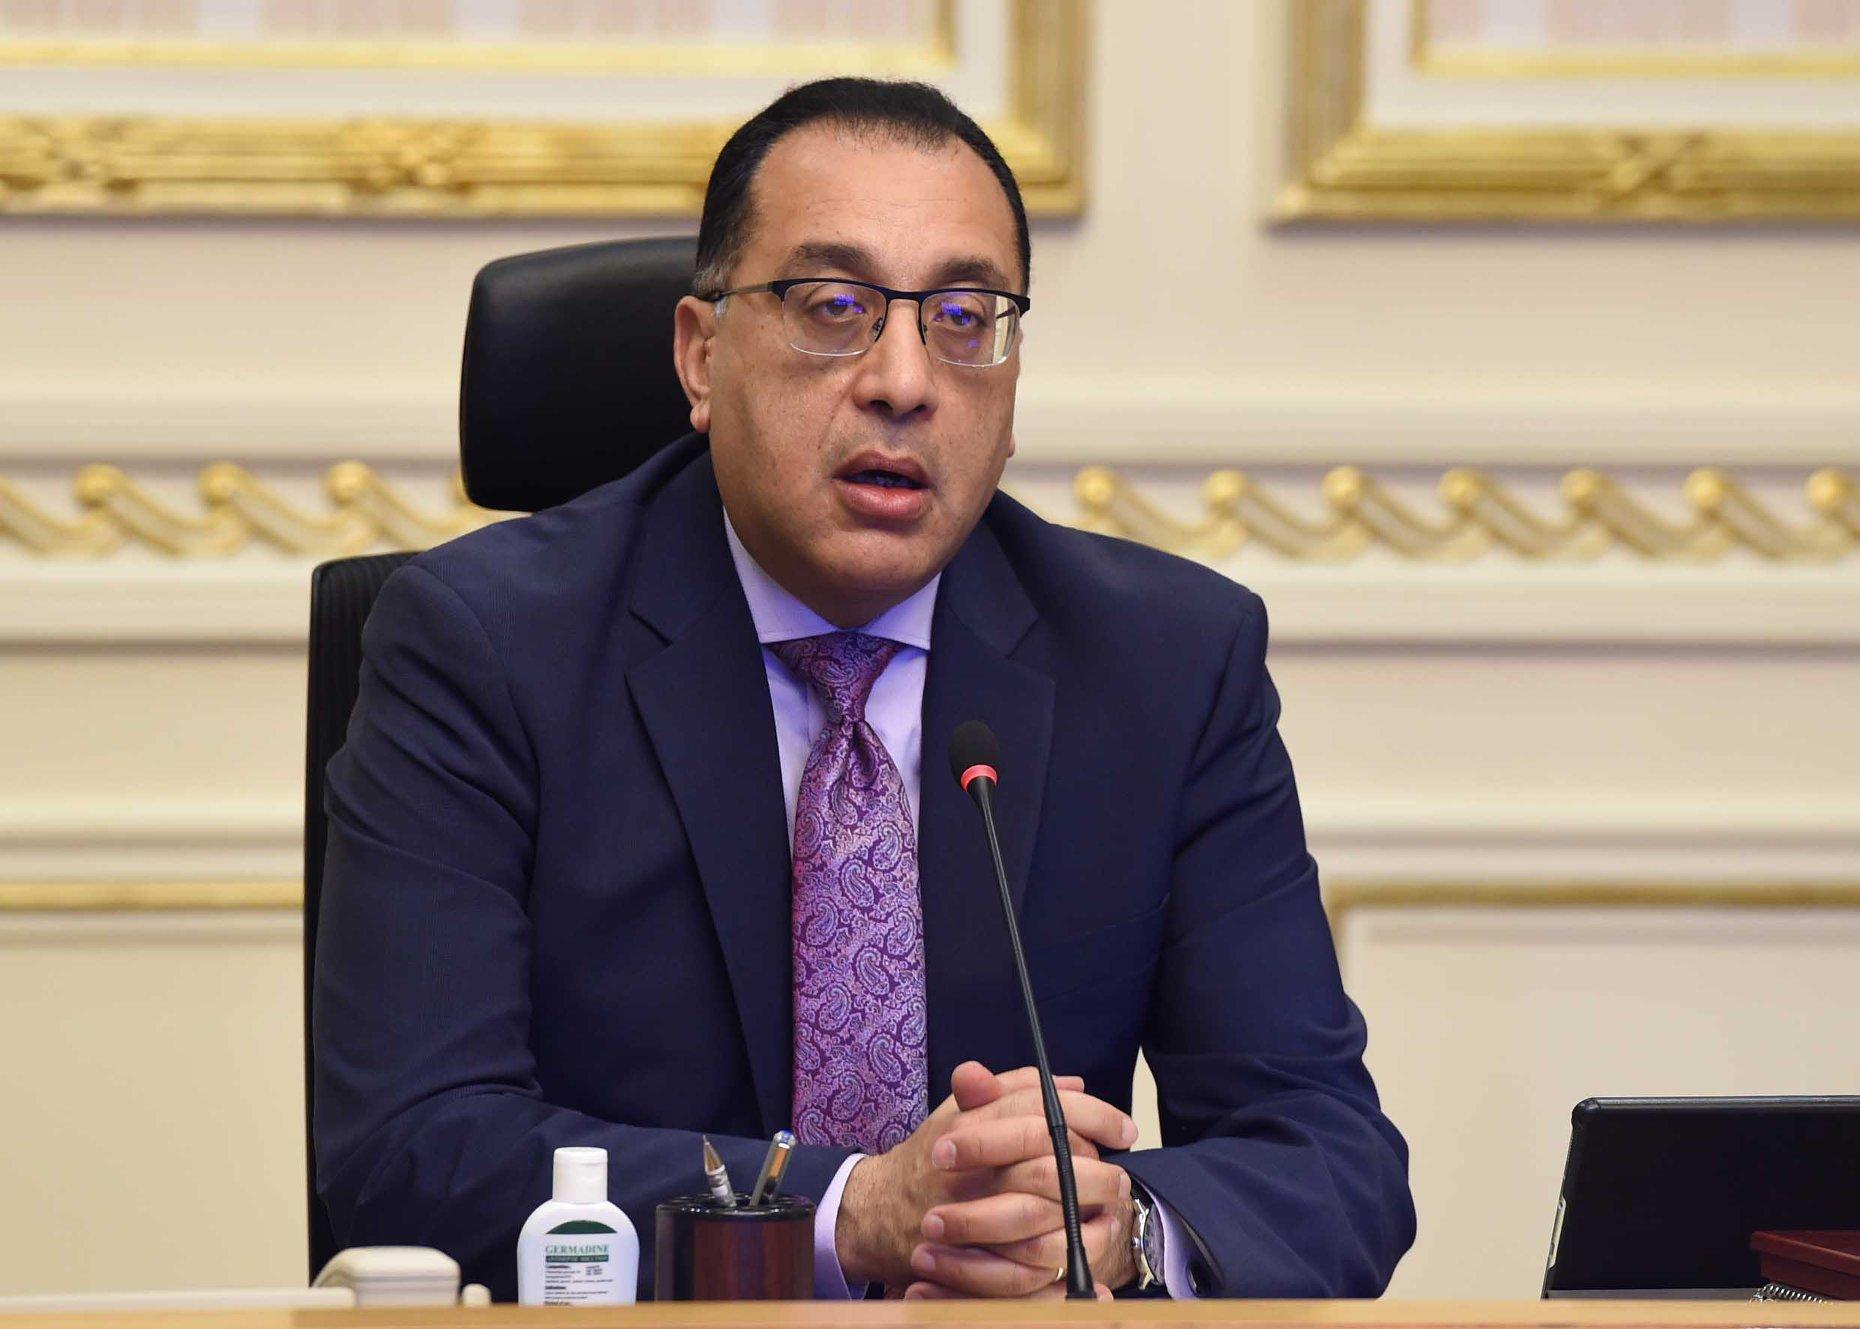 مجلس الوزراء ومحافظ البنك المركزي يصدران قرار بالموعد الجديد لإجازة 25 يناير 2021